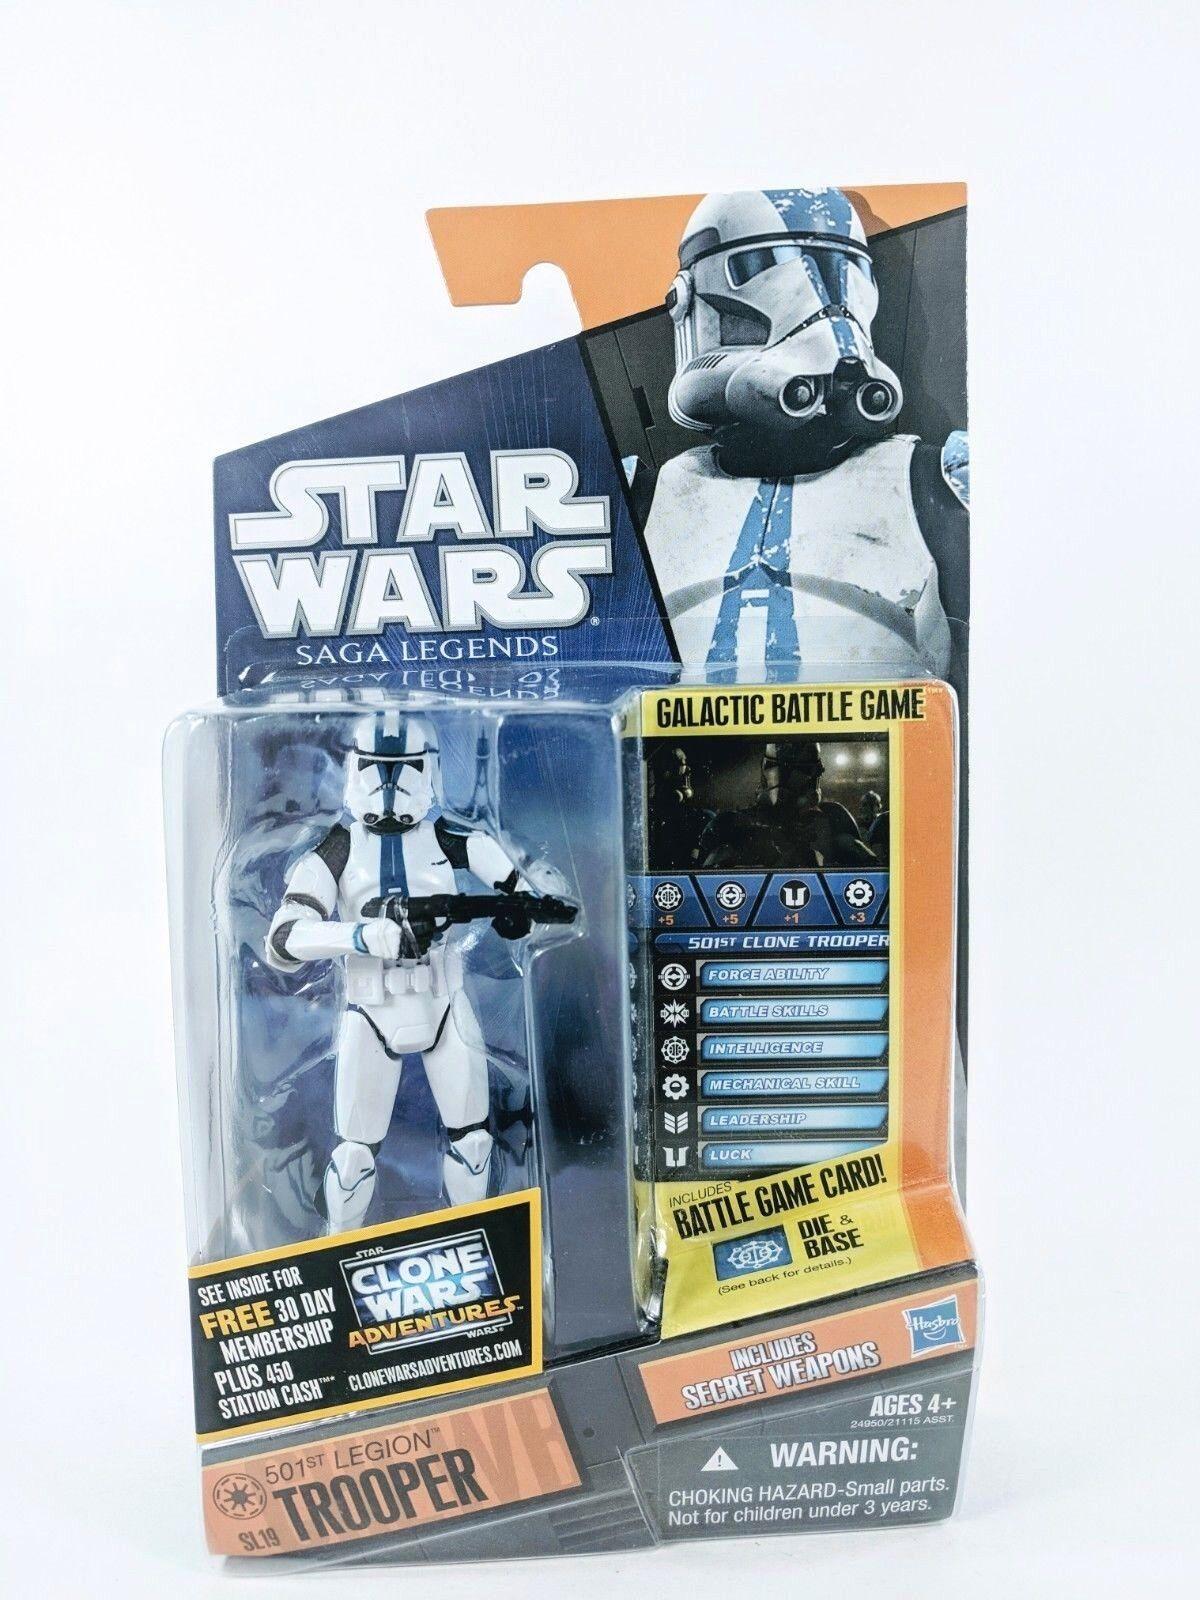 star wars  - saga legenden - 501. legion trooper - 3,75 actionfigur neue   sl19